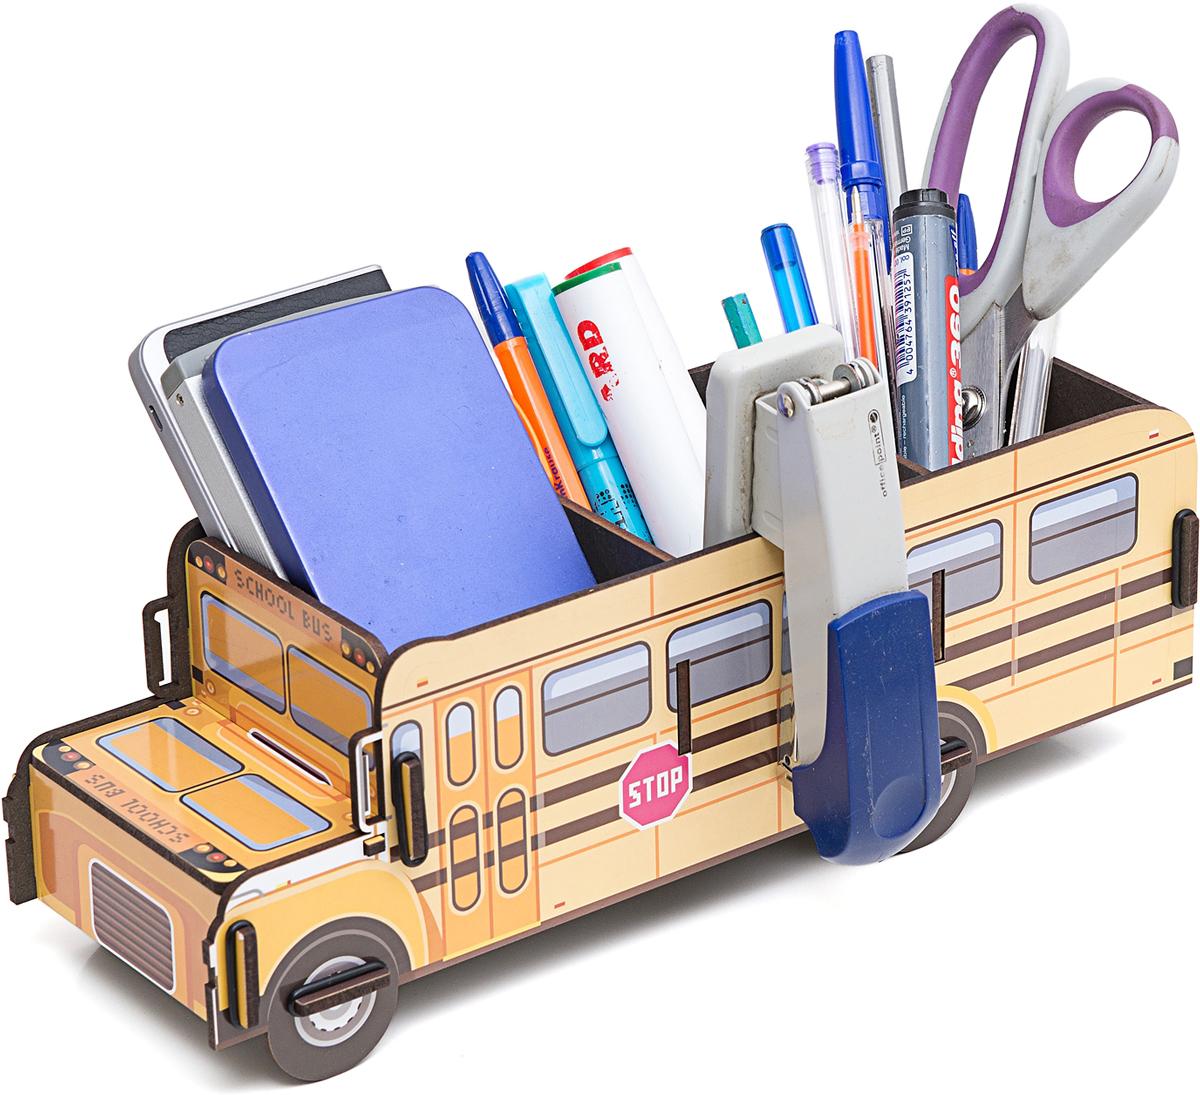 Органайзер на стол Homsu School Bus, 28,5 х 9,8 х 10,5 смБрелок для ключейНастольный органайзер в виде школьного автобуса – это не только способ хранения канцелярских принадлежностей, но и настоящее украшение интерьера. Органайзер выполнен из МДФ и имеет необычный дизайн.